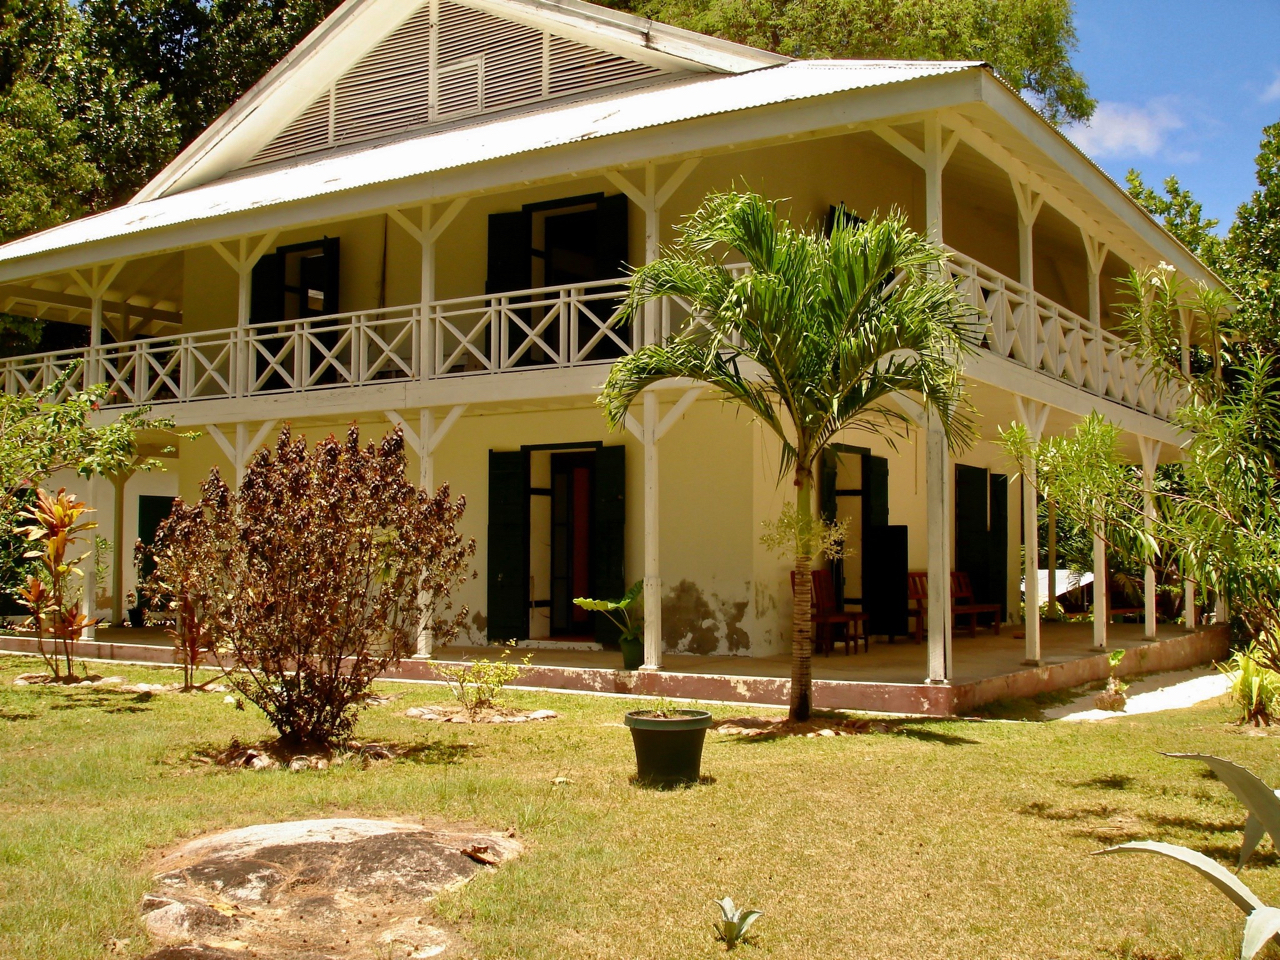 Maison Ambre Gästehaus - Windhoek